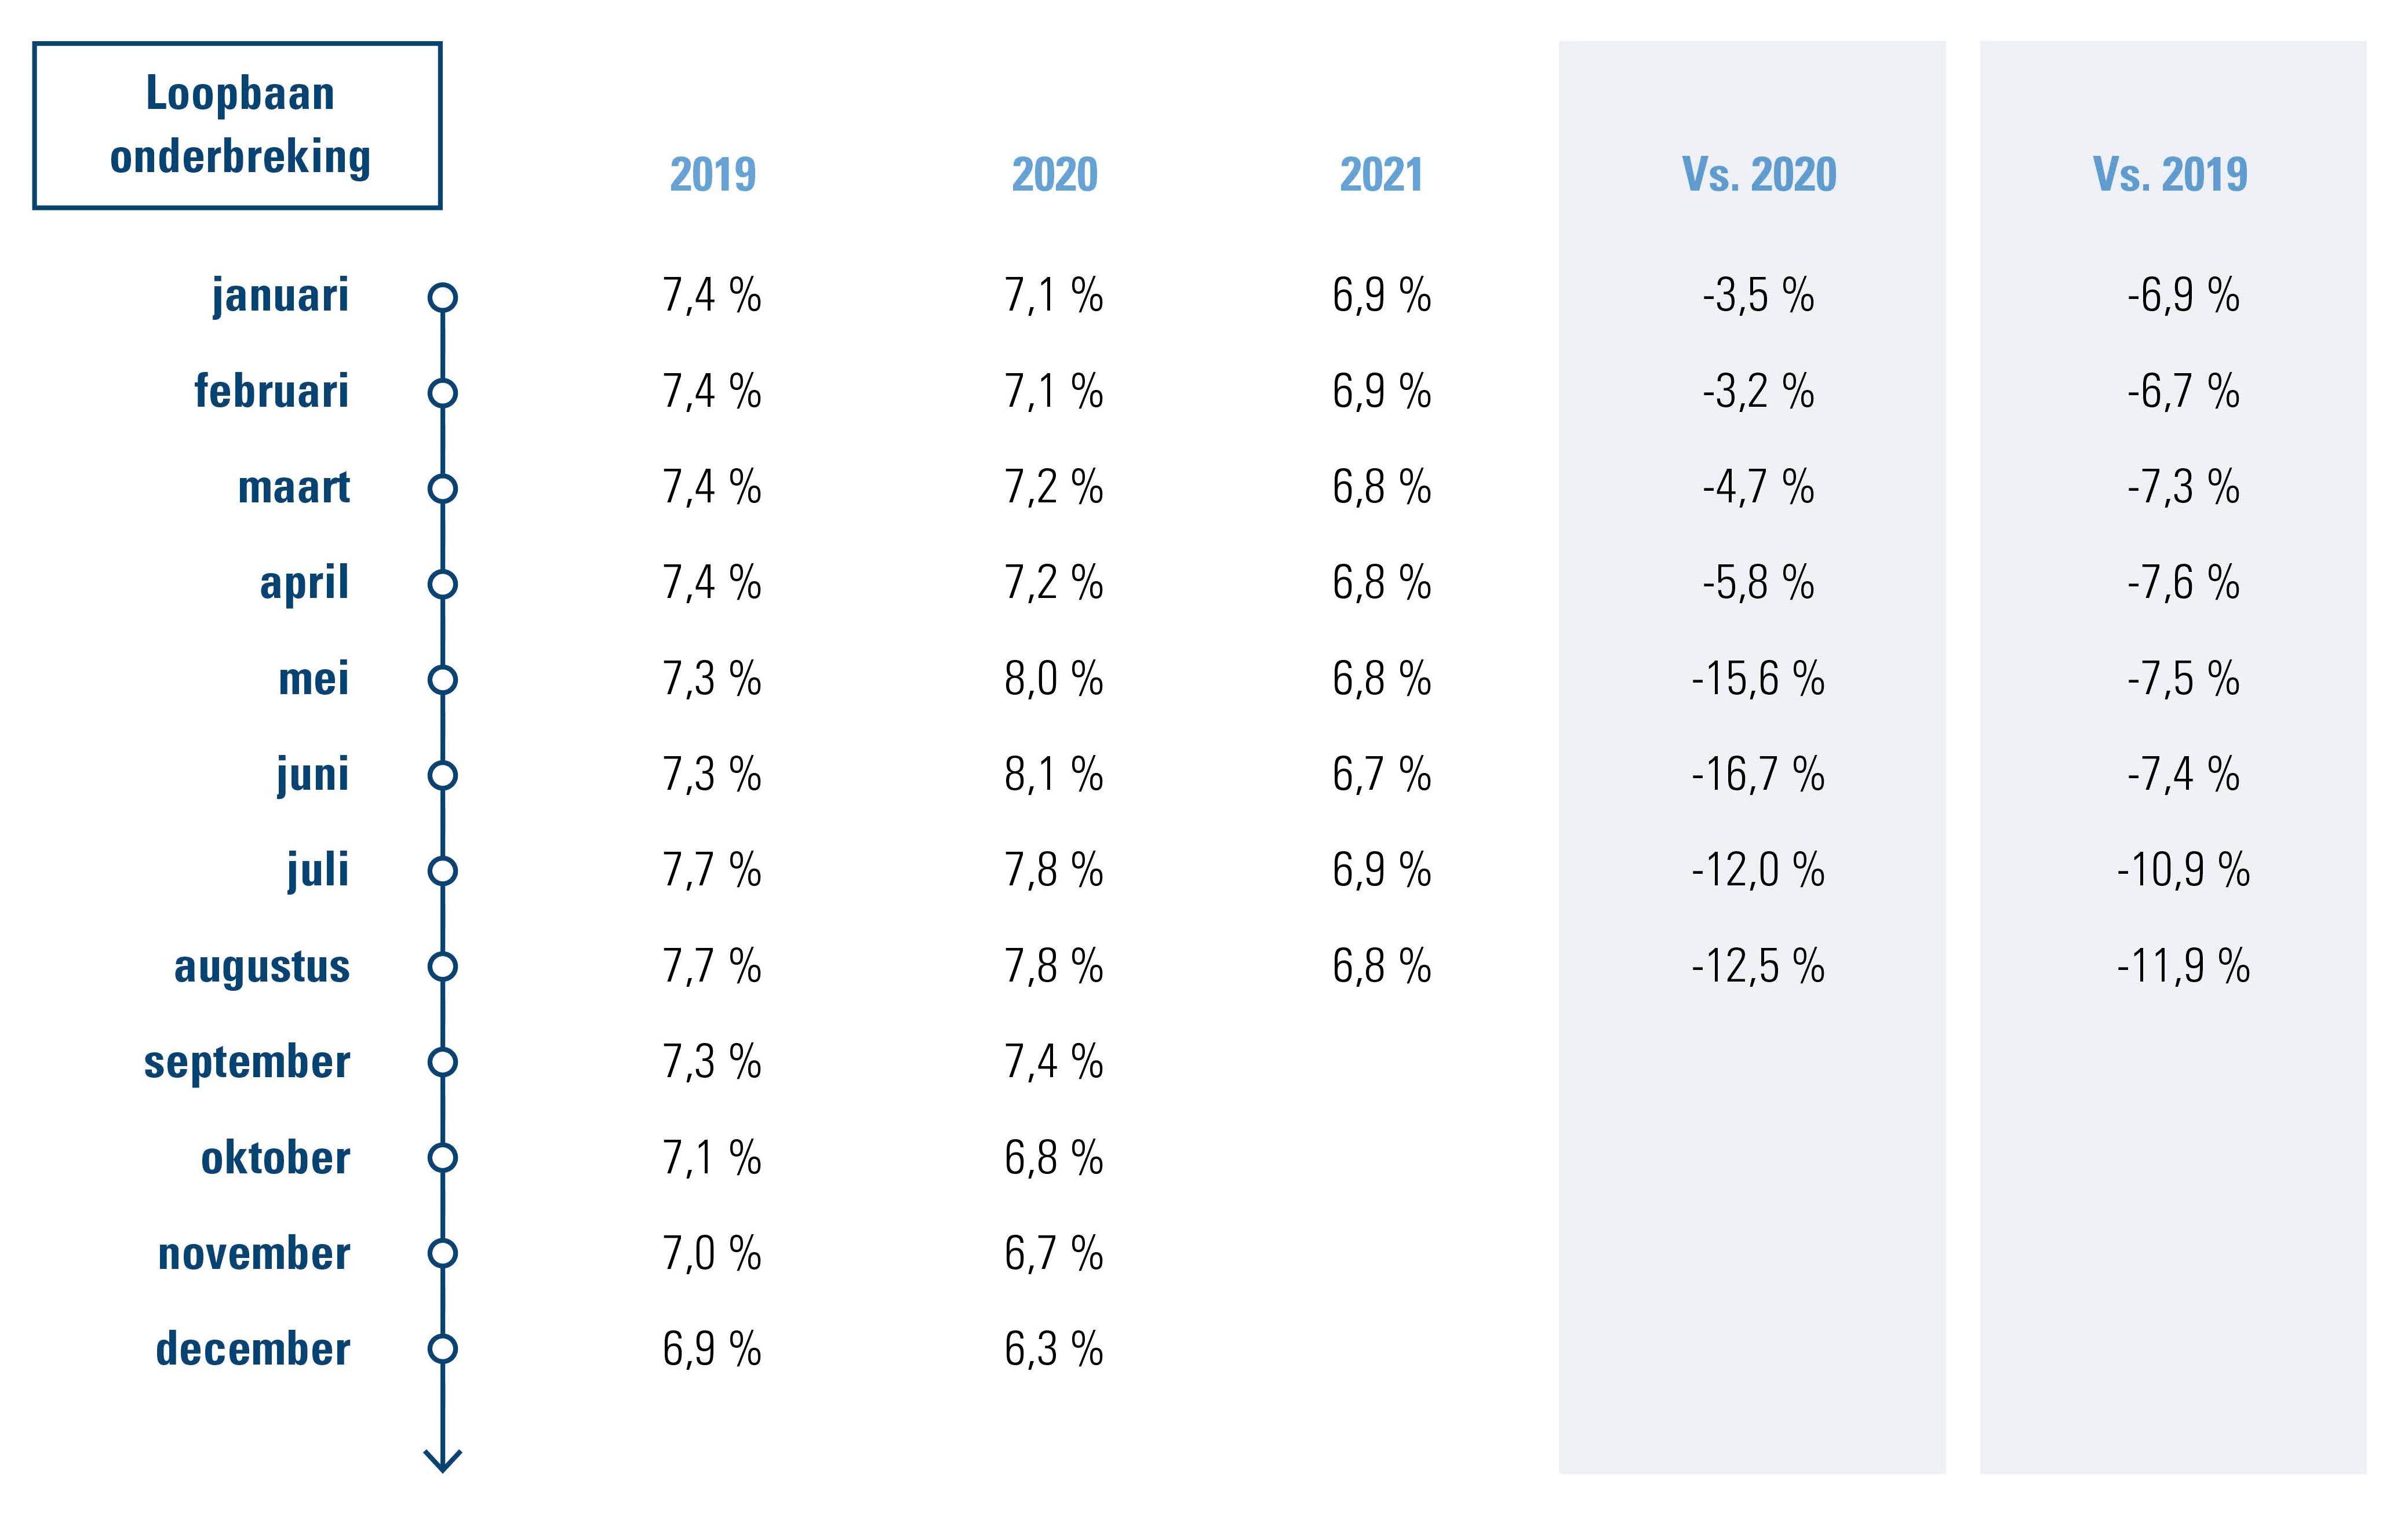 % werknemers dat gebruikmaakt van een vorm van loopbaanonderbreking